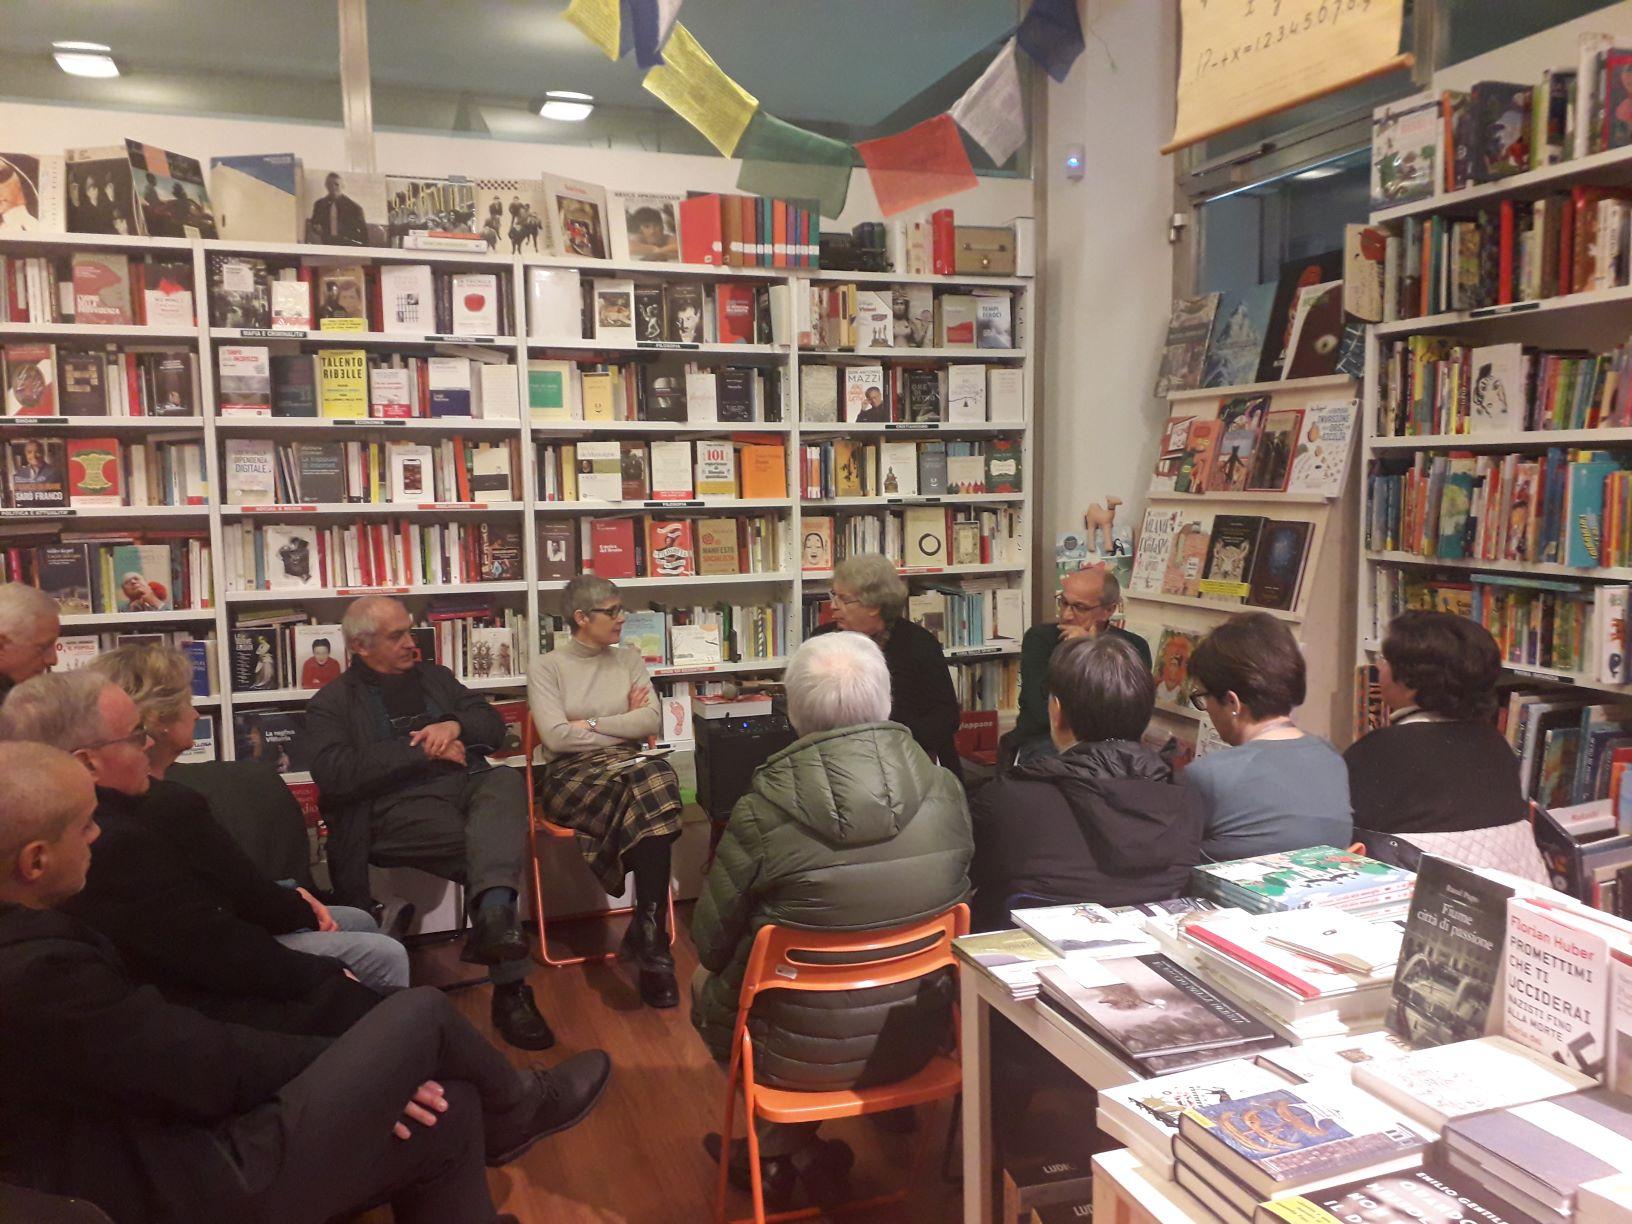 Un'immagine dell'incontro alla Libreria Arcadia di Rovereto